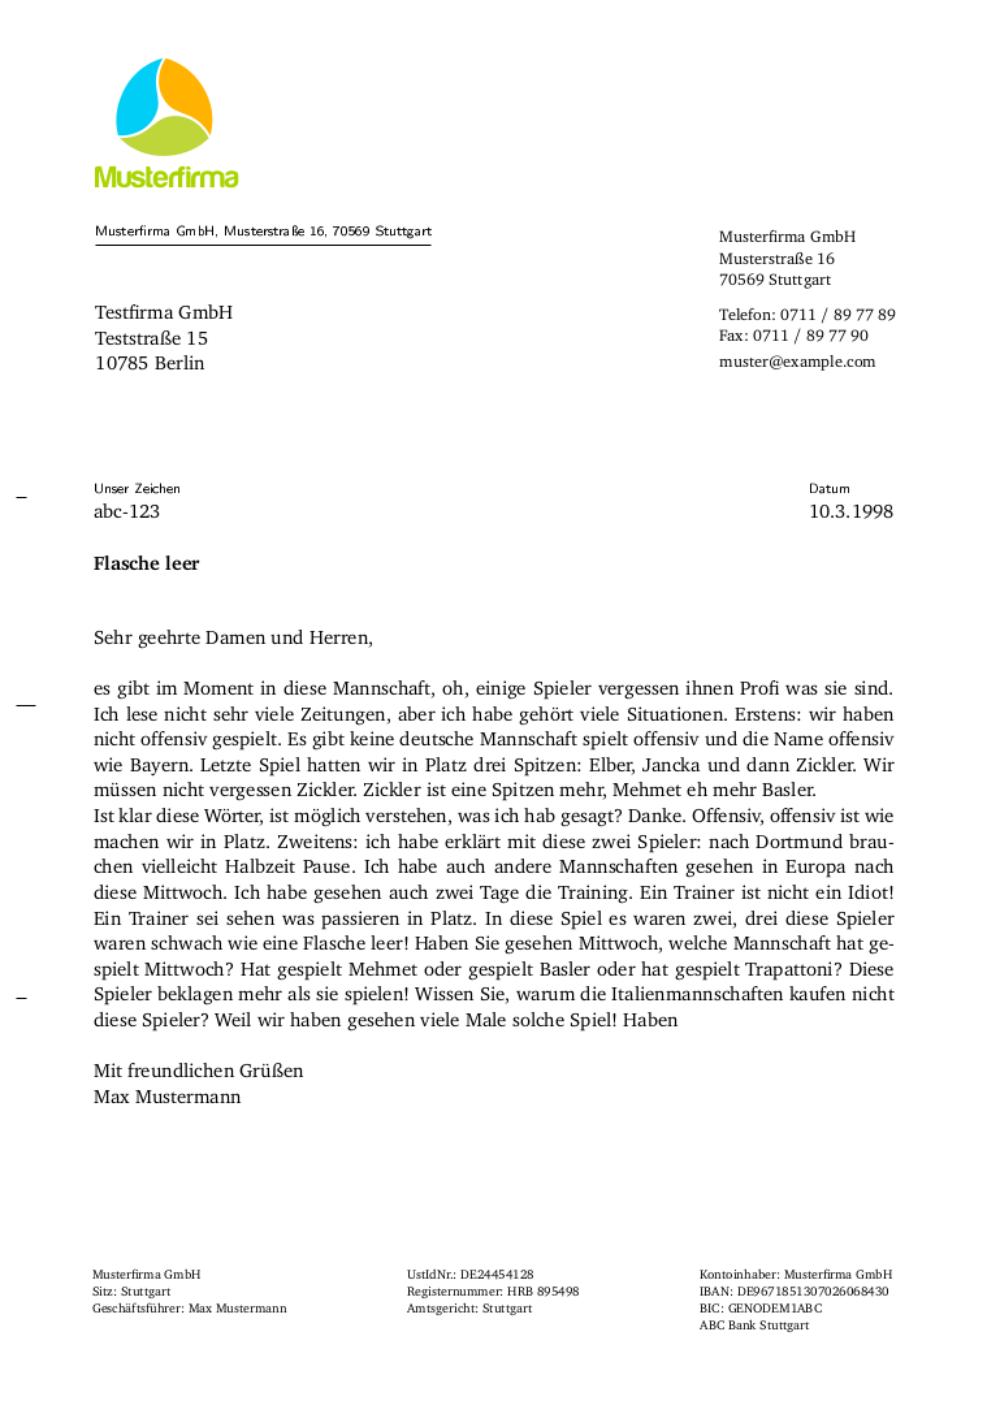 Offizielle Briefe Layout : Geschäftsbrief vorlage und muster graphic design